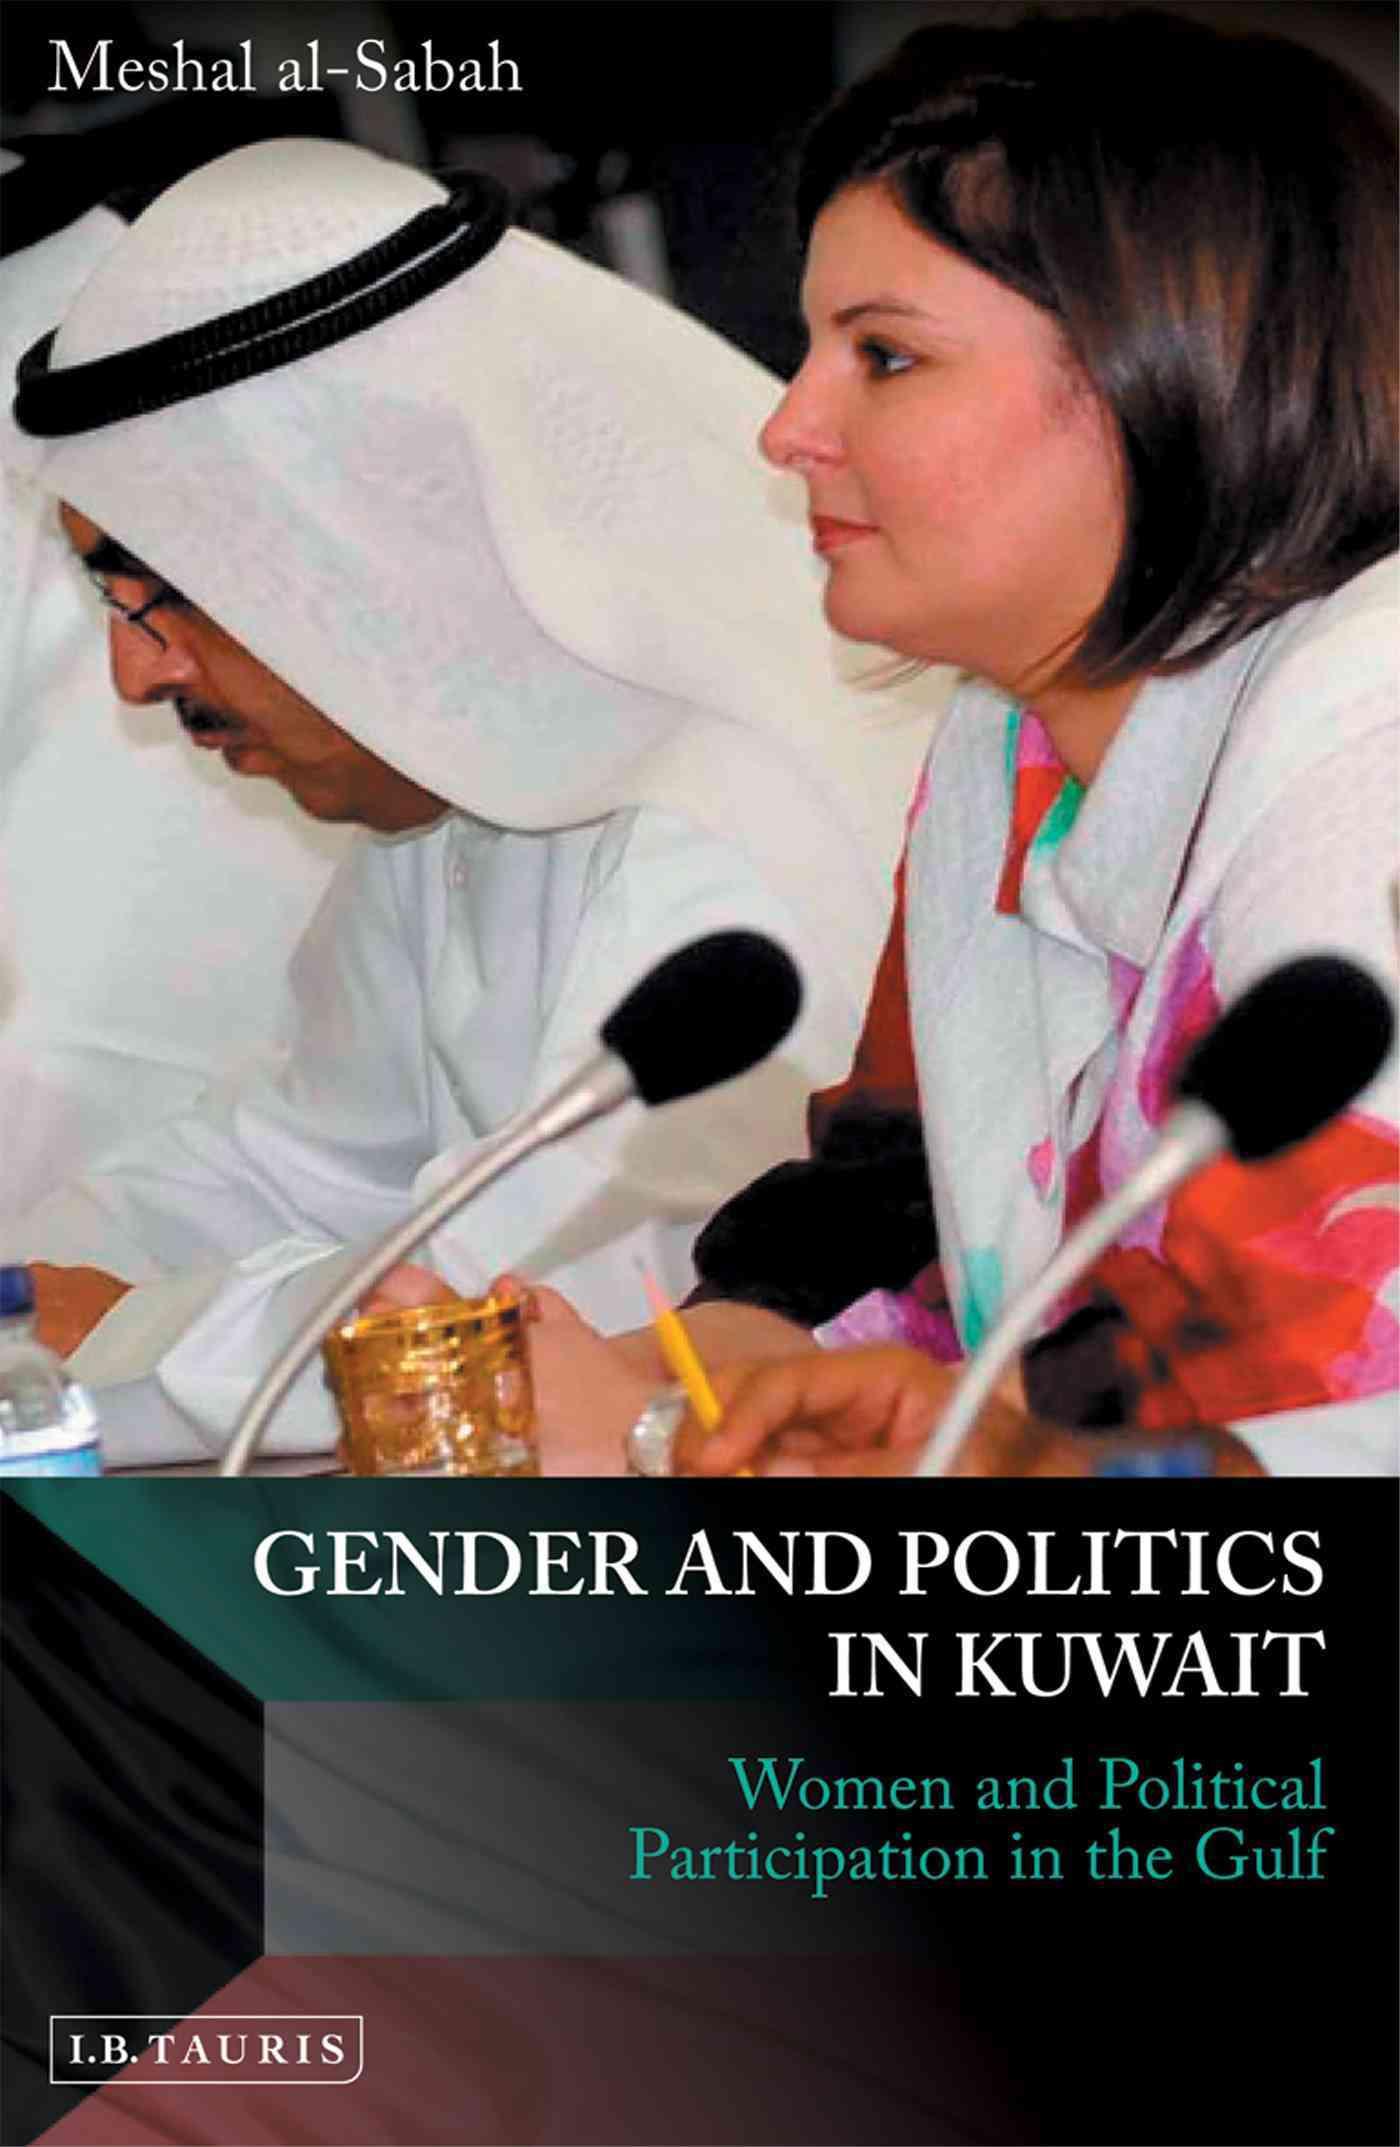 Gender and Politics in Kuwait By Al-Sabah, Meshal